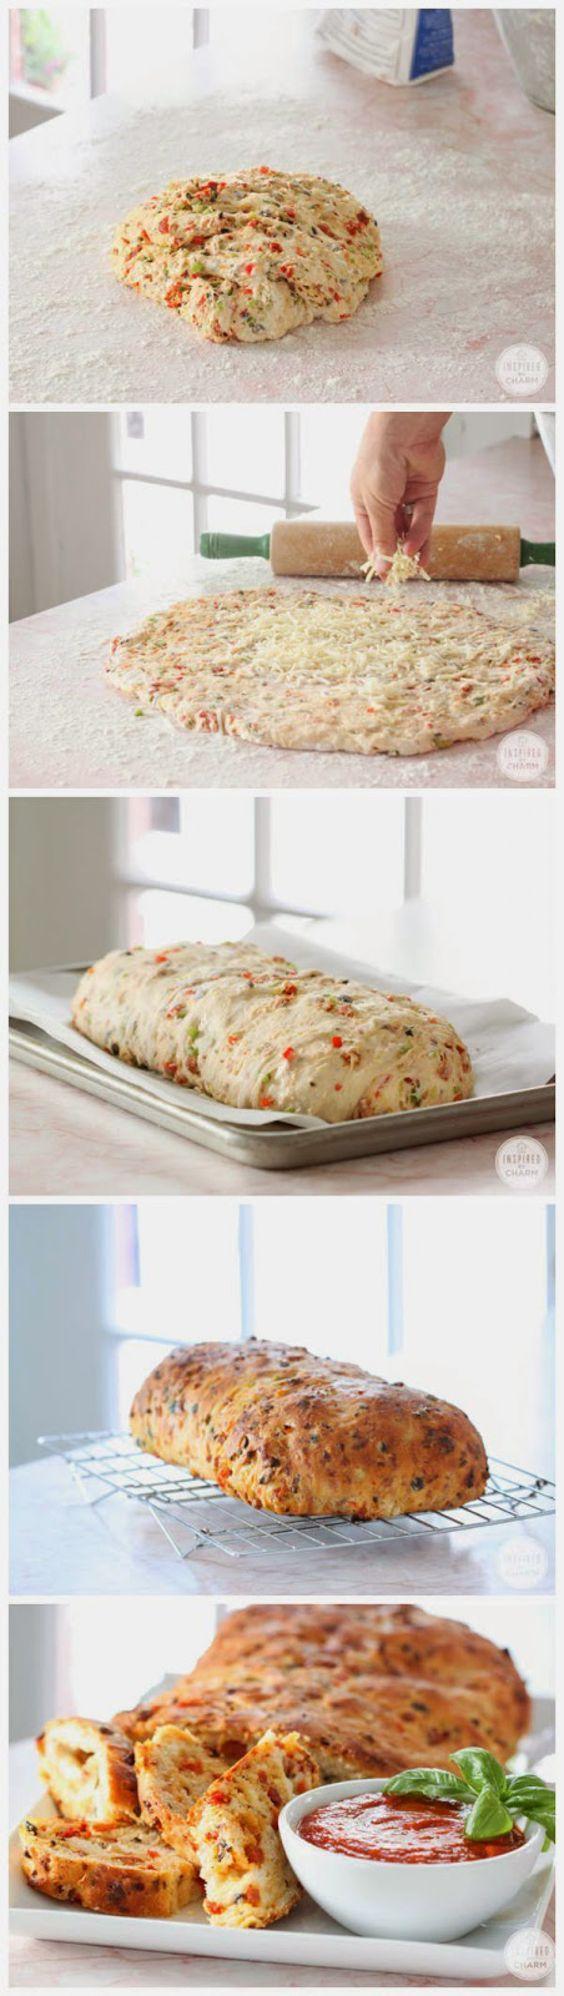 Pizzabrot mmm sieht das lecker aus. Pizzateig machen oder fertig kaufen und dann mit Pepperoni, Sonnengetrockneten Tomaten, Zwiebeln, Oliven, Pfeffer und Knoblauch bestreuen. Pamezan Käse und geriebenen Mozzarella darüber verteilen. 1 Esslöffel Olivenöl dazu geben und dann gut durch kneten. Marinara Sauce zum Dippen benutzen und fertig